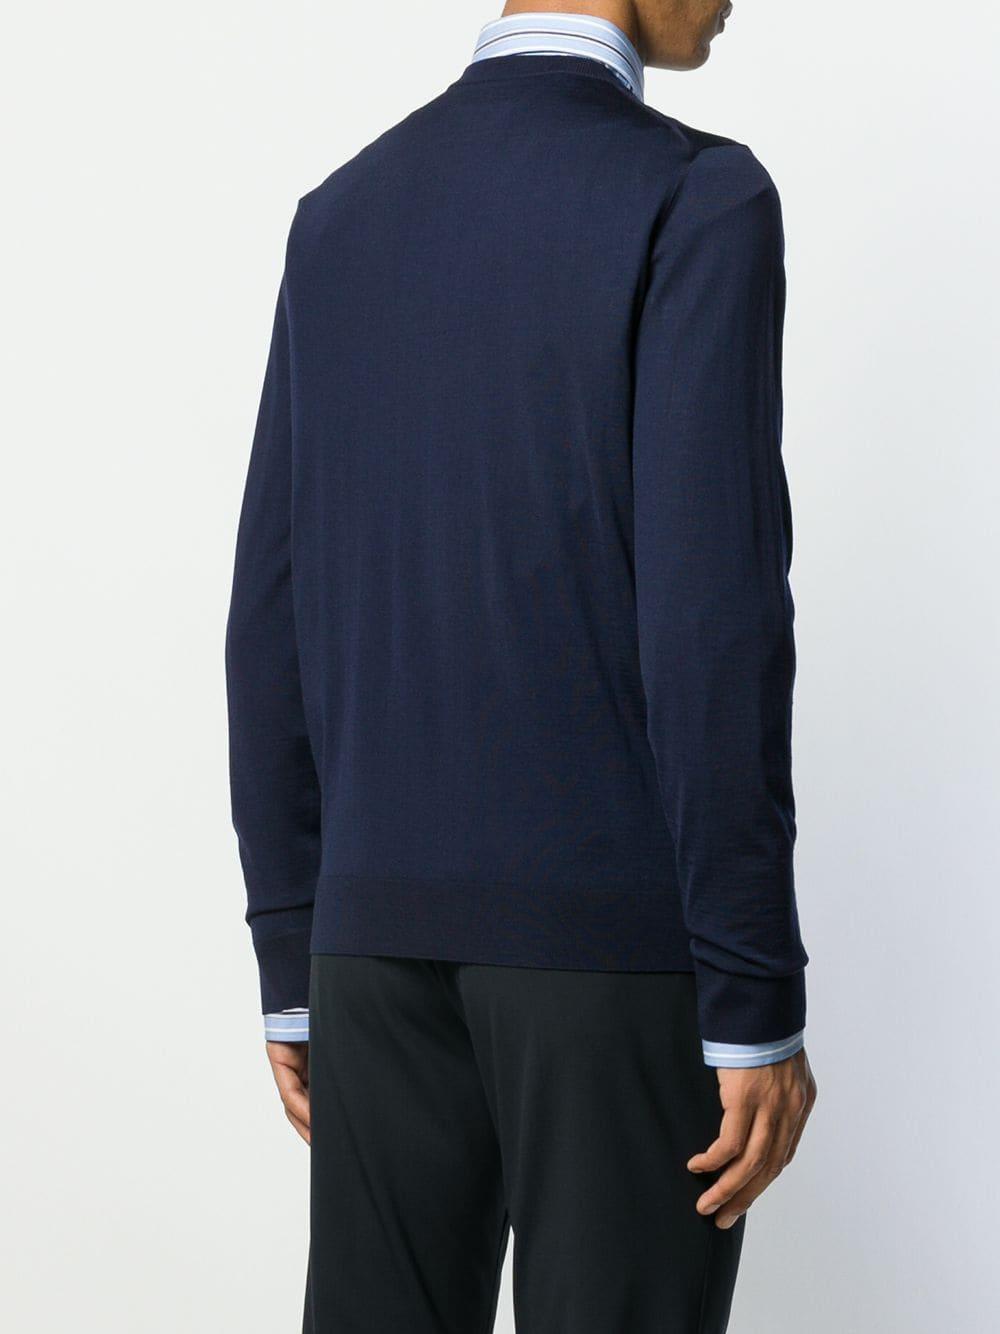 Maglione slim fit in lana blu navy con girocollo GUCCI | Maglieria Moda | 576810-XKAOW4440